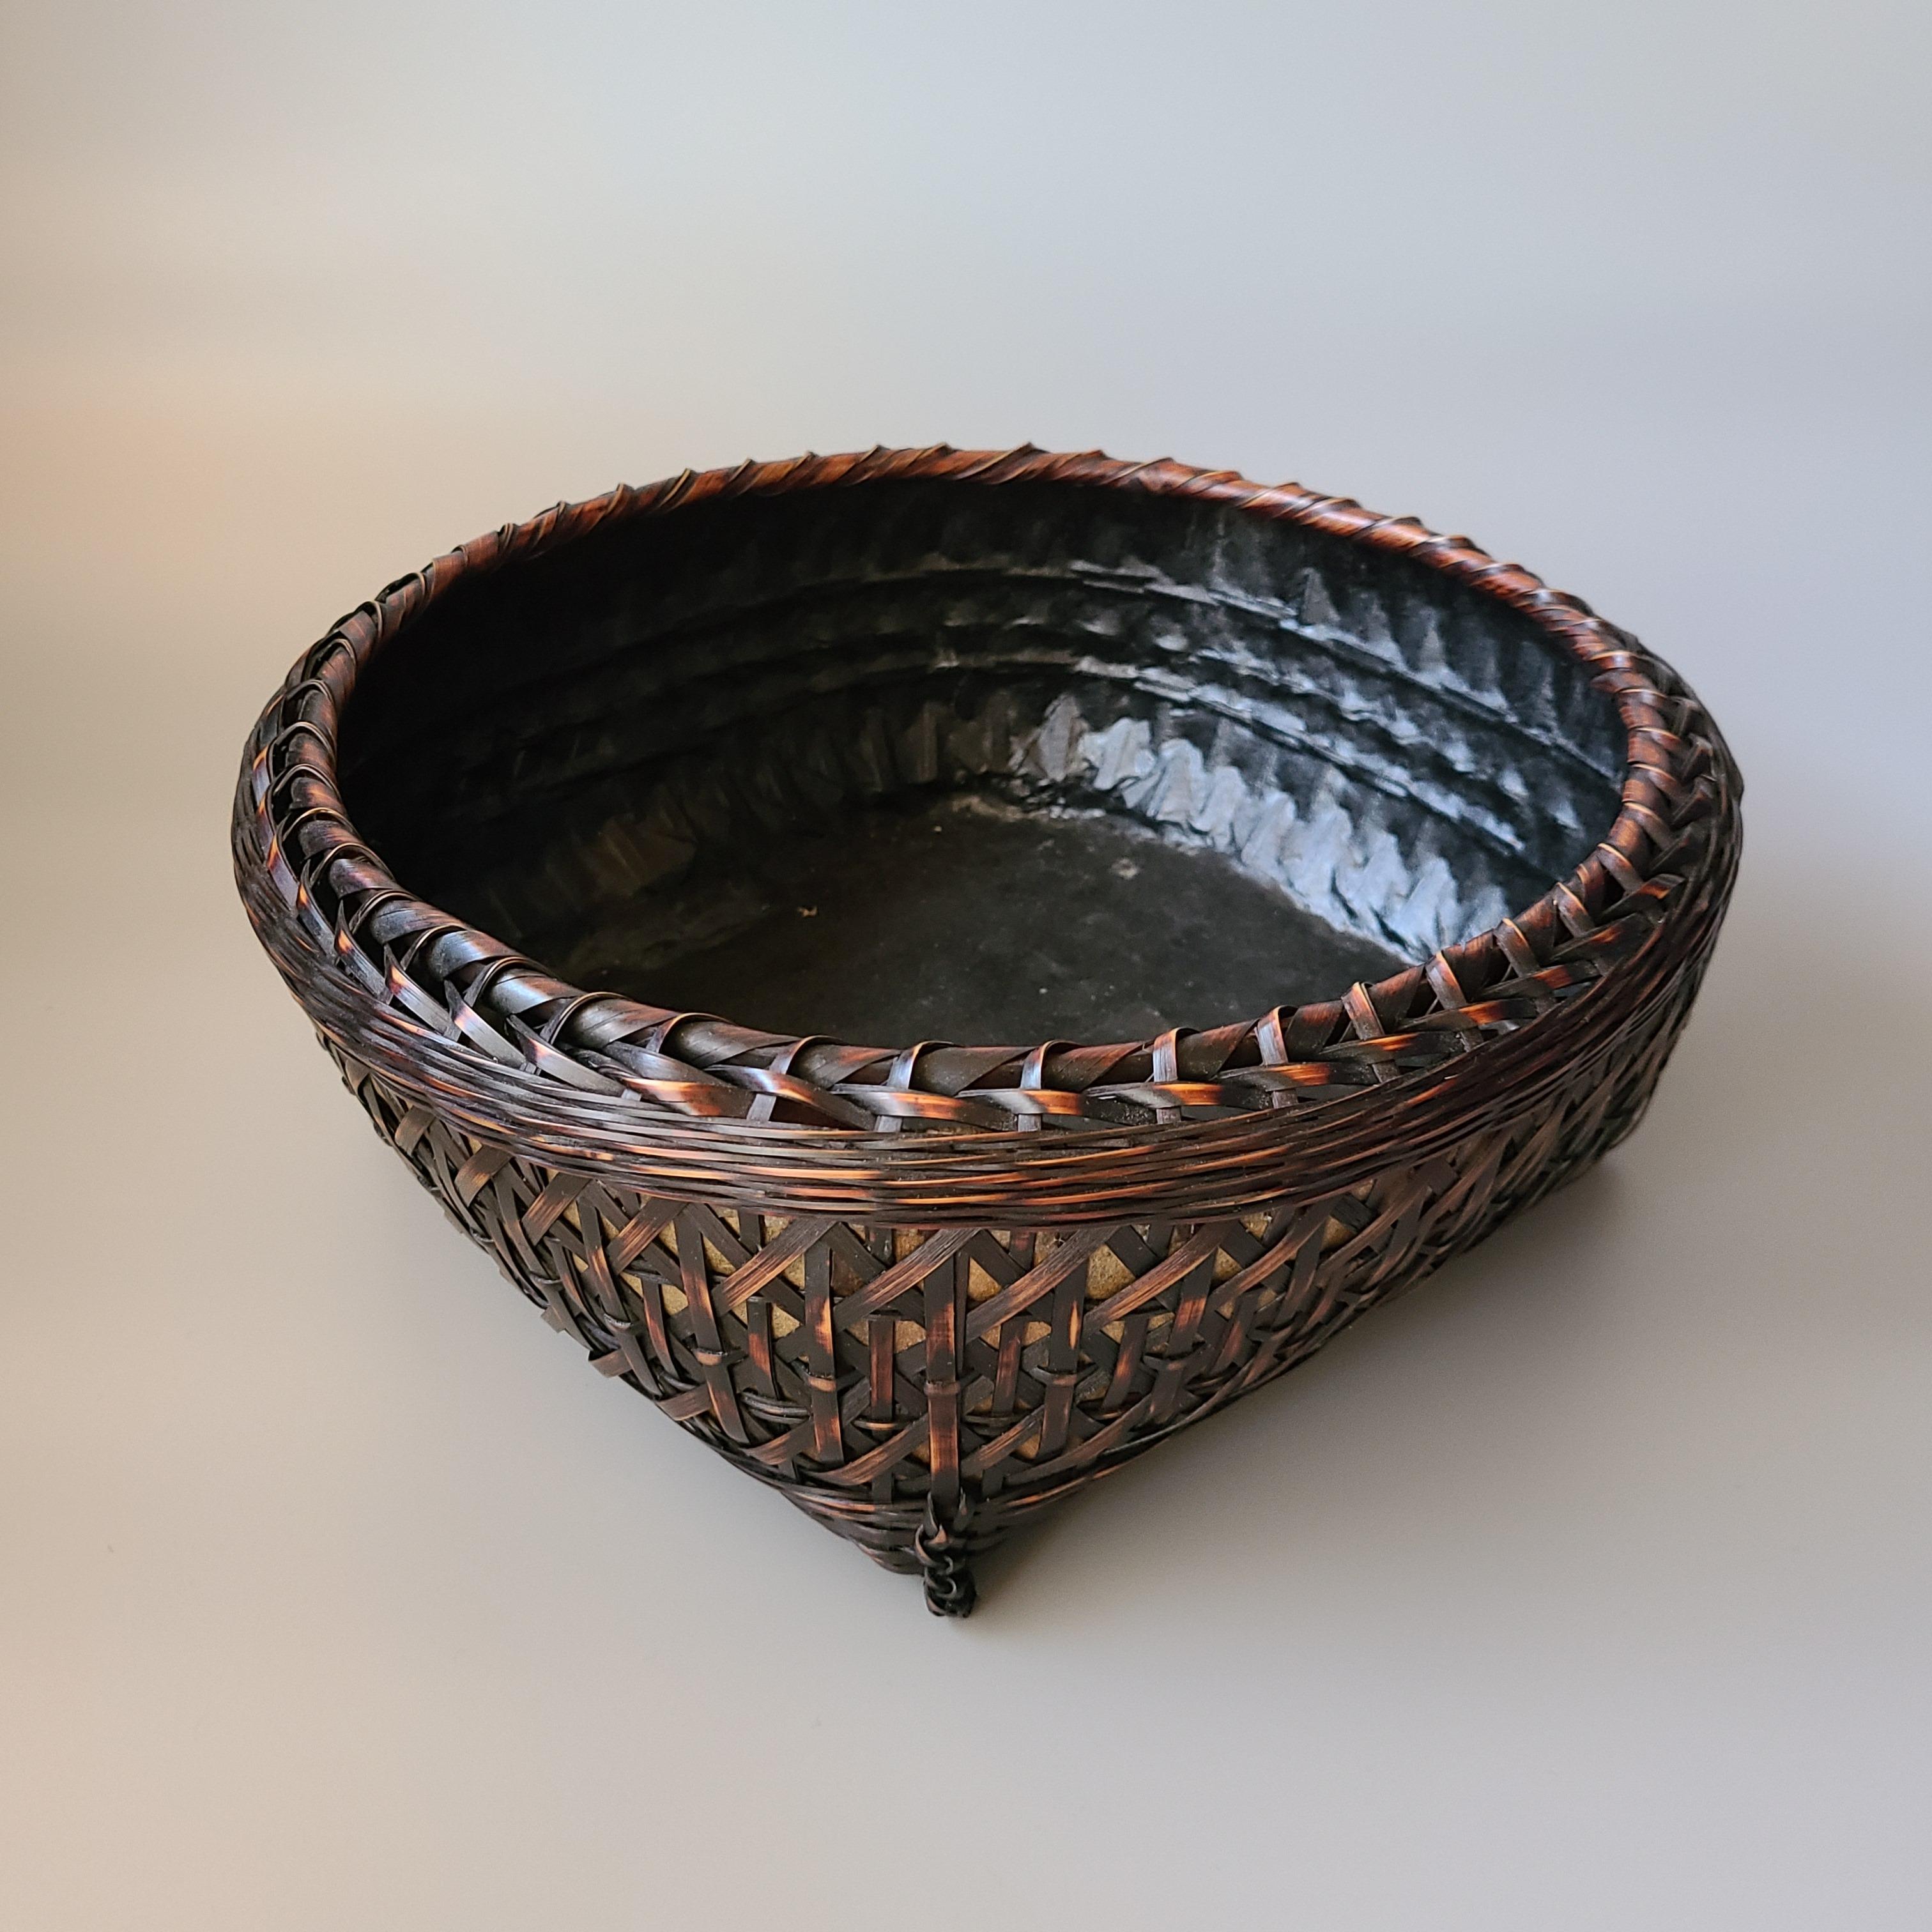 茶道具 矢竹 炭斗 炉用 ダンボール箱